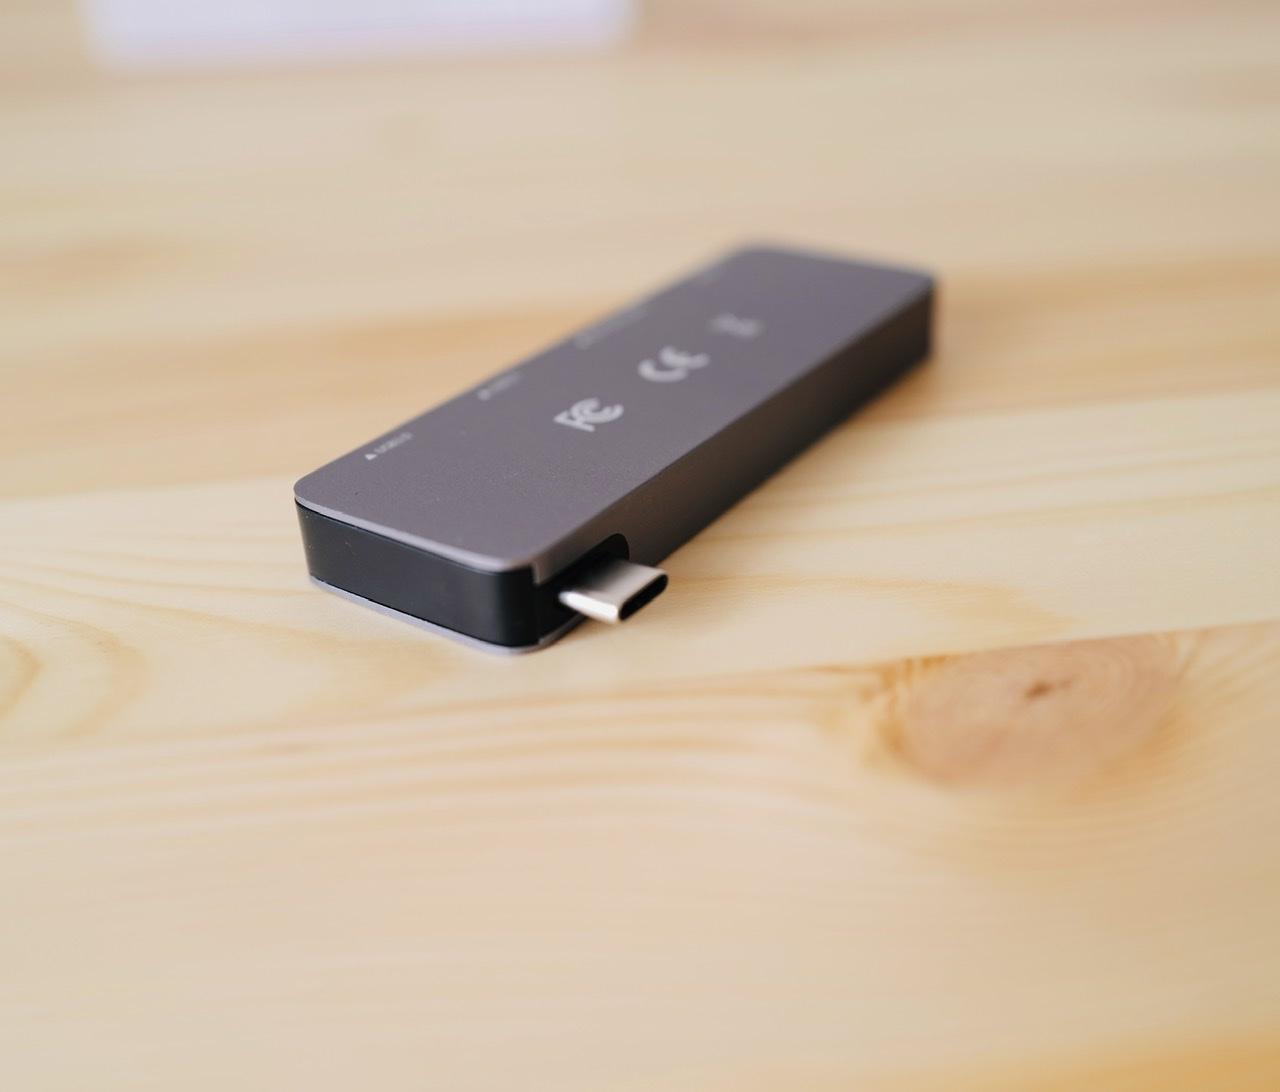 Elecjoy USB C ハブ 端子側